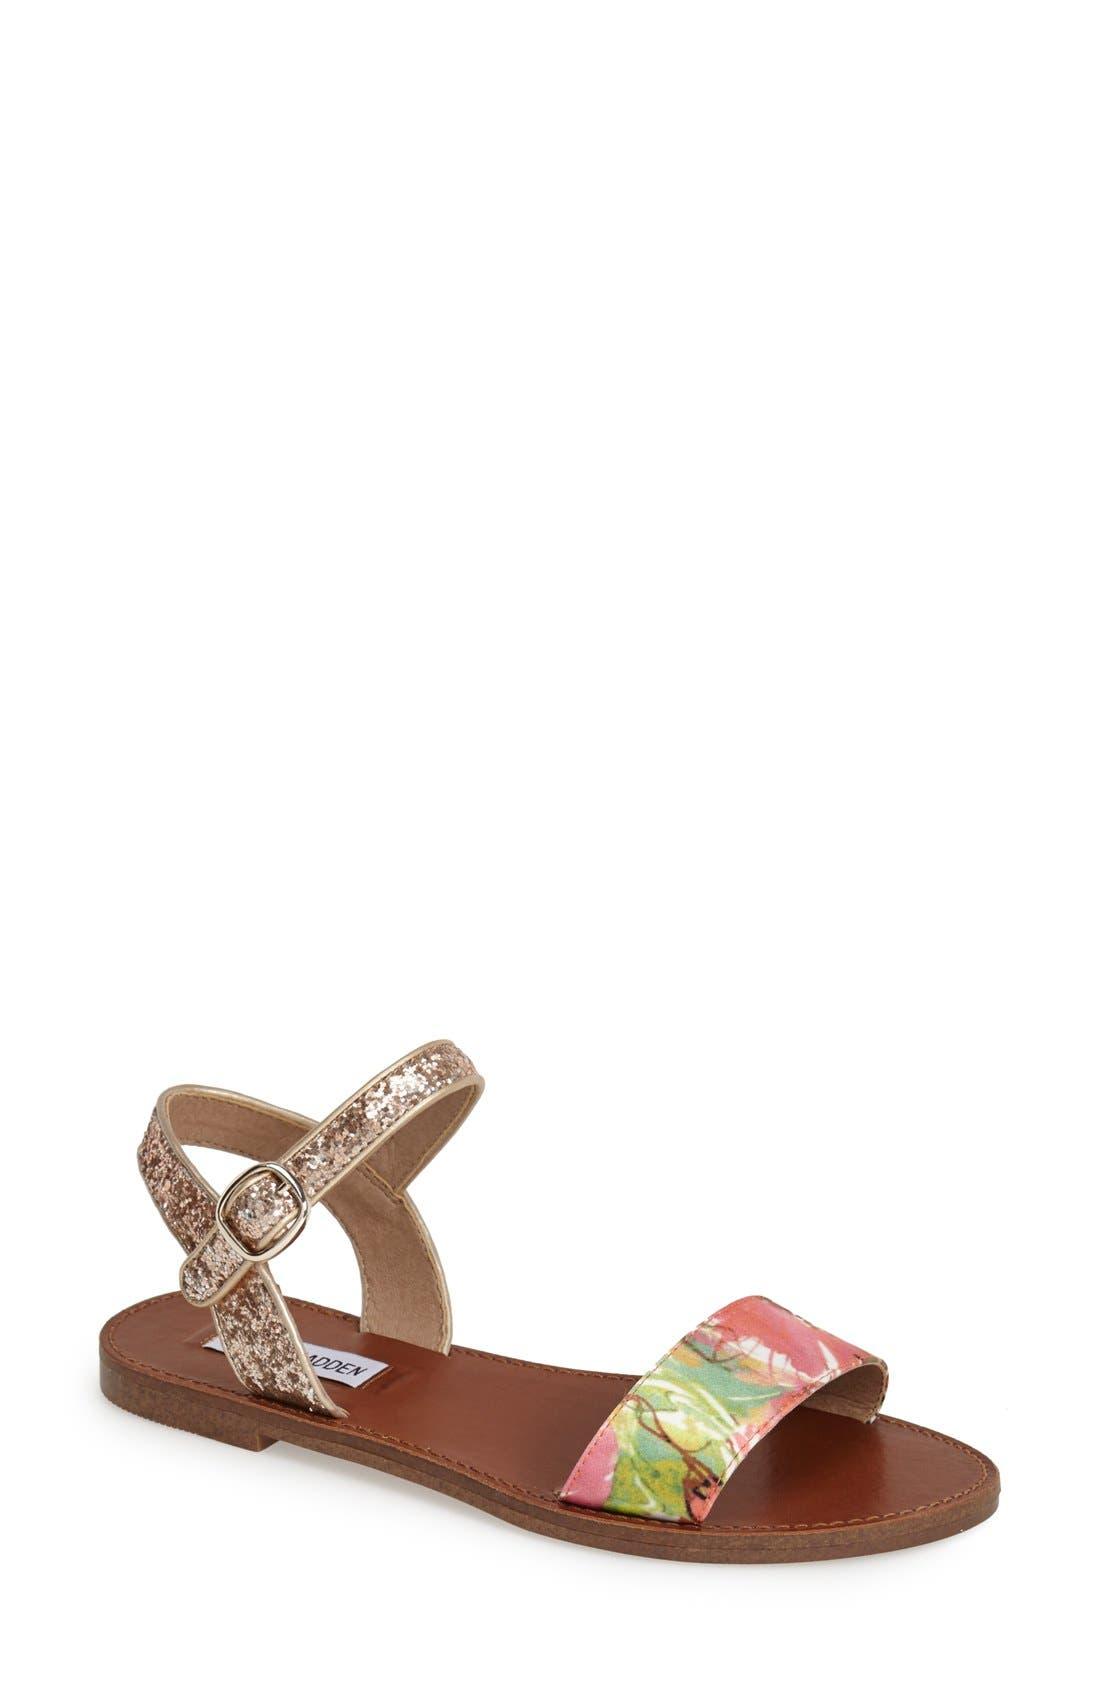 Main Image - Steve Madden 'Donddi' Ankle Strap Sandal (Women)